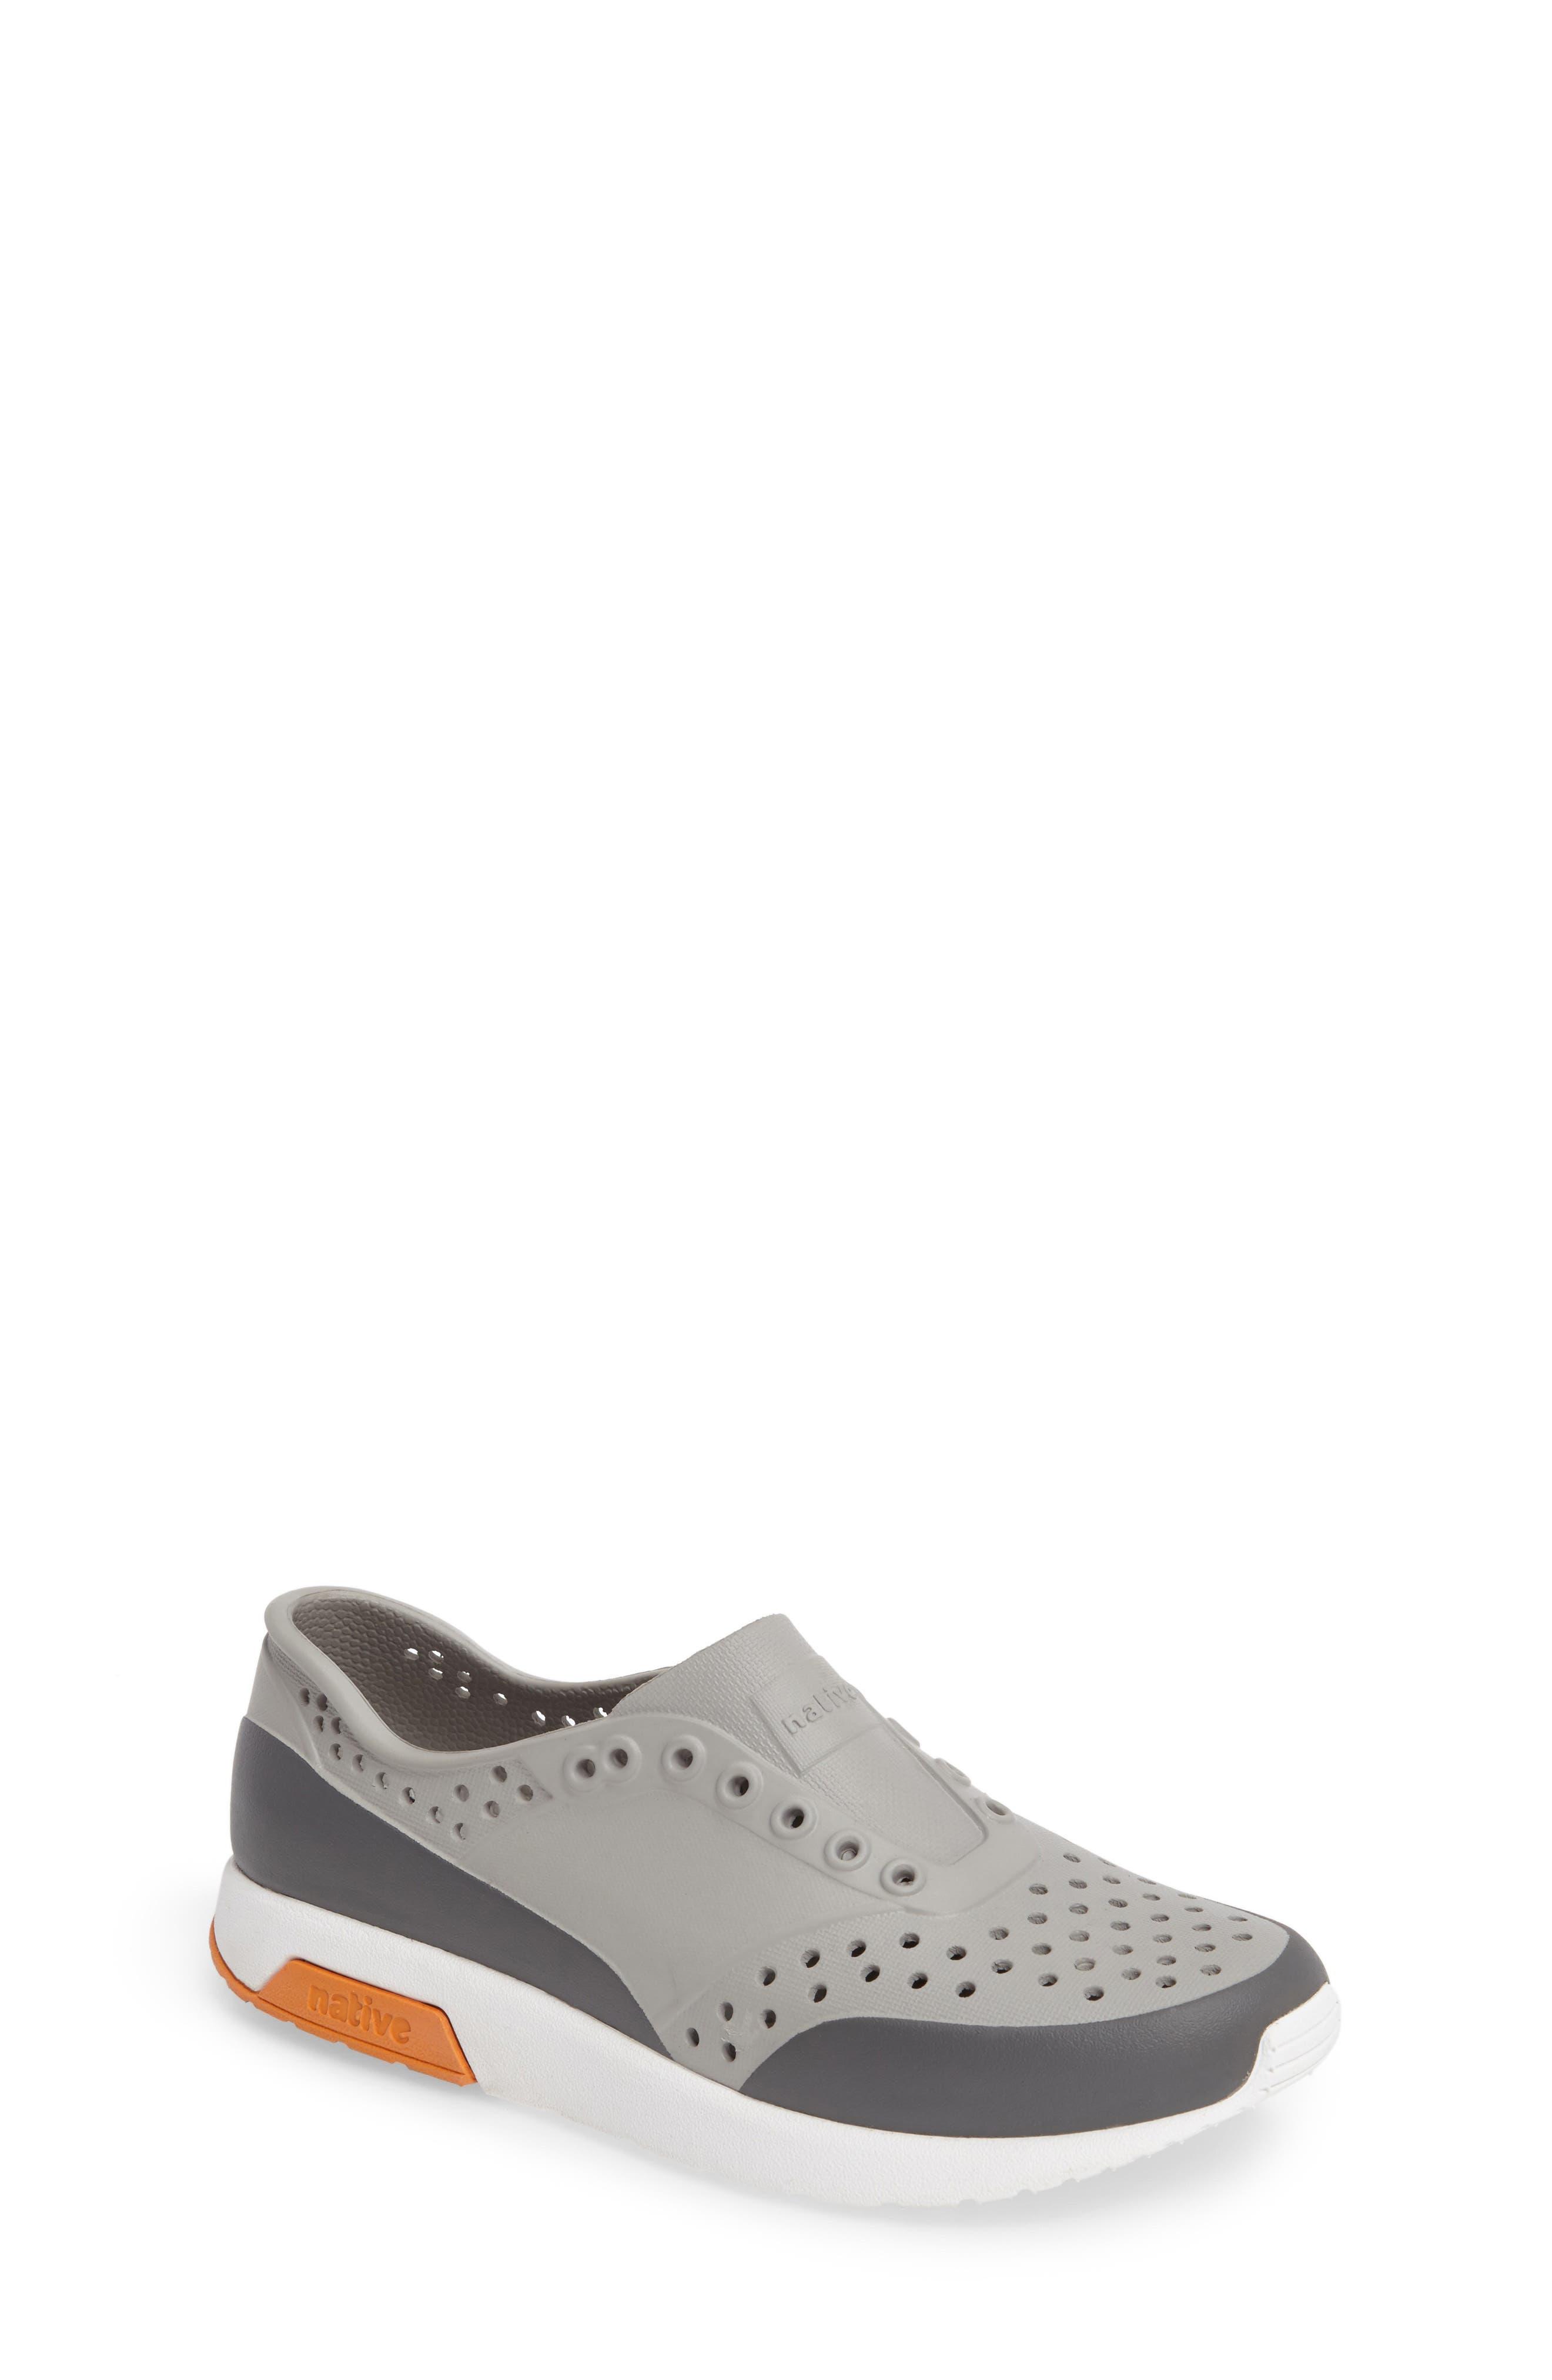 NATIVE SHOES Lennox Block Slip-On Sneaker